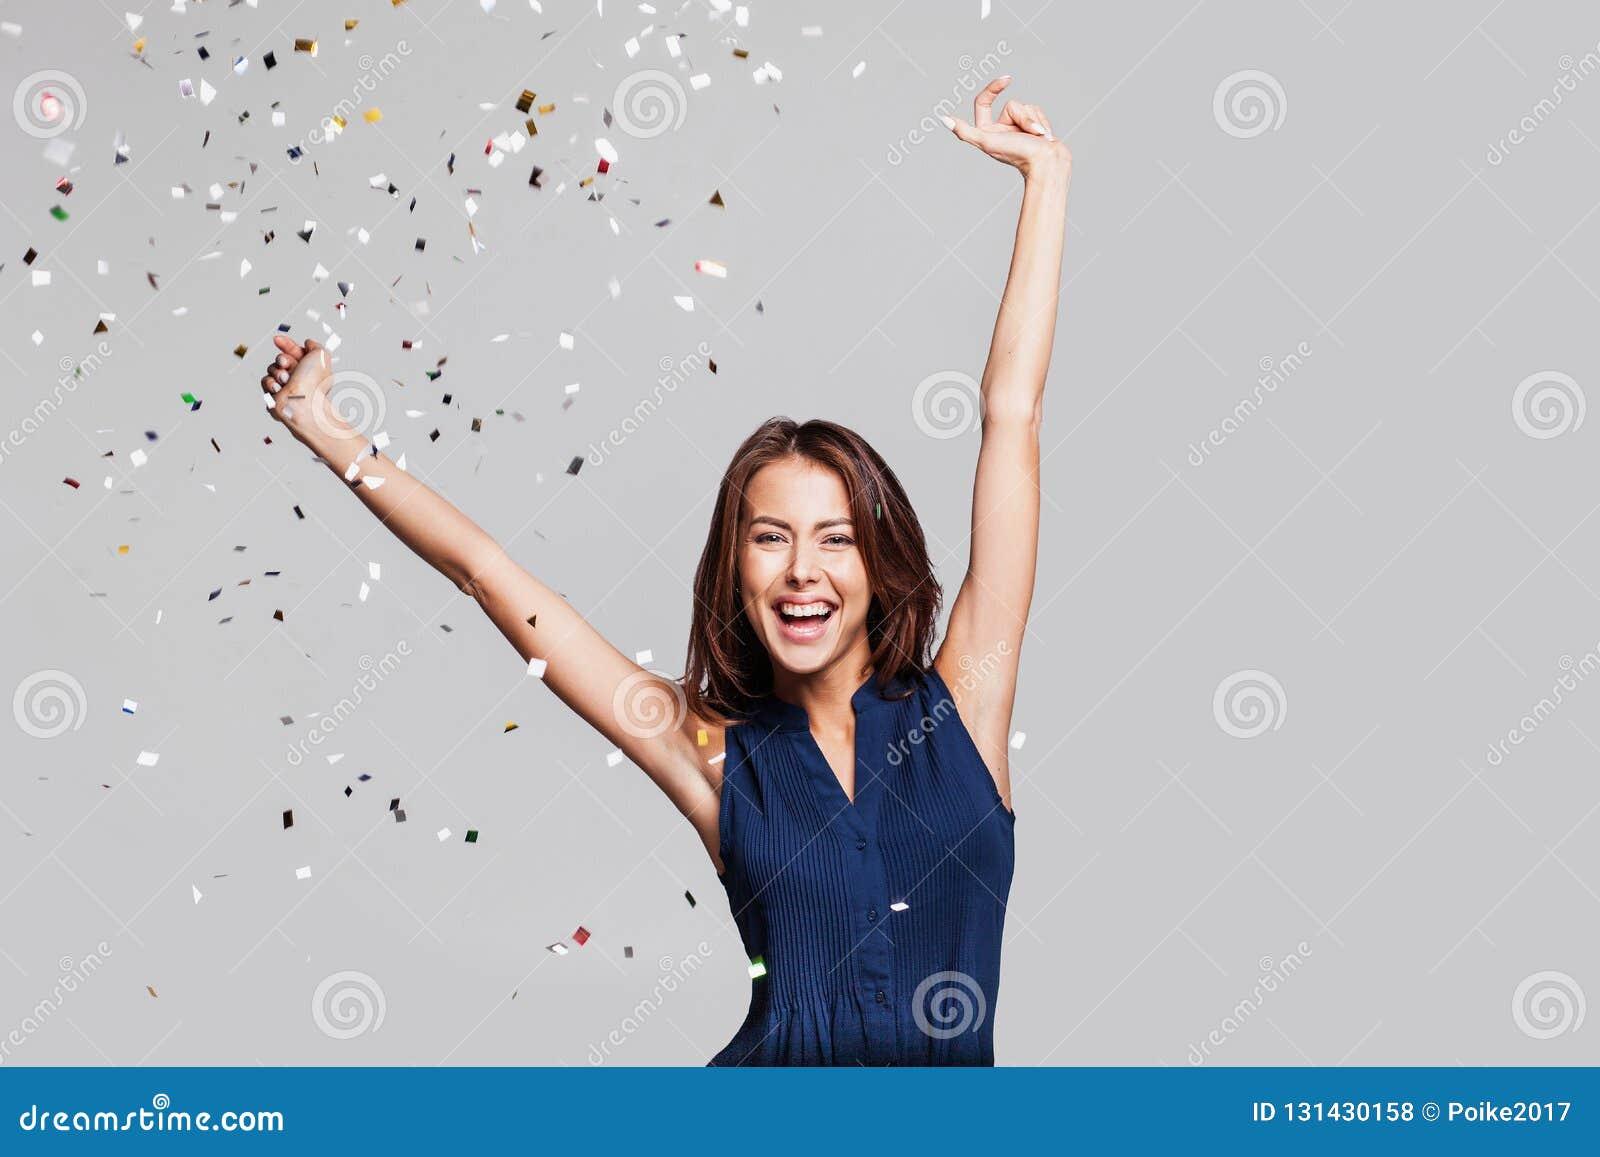 Belle femme heureuse à la partie de célébration avec des confettis tombant partout sur elle Anniversaire ou soirée du Nouveau an